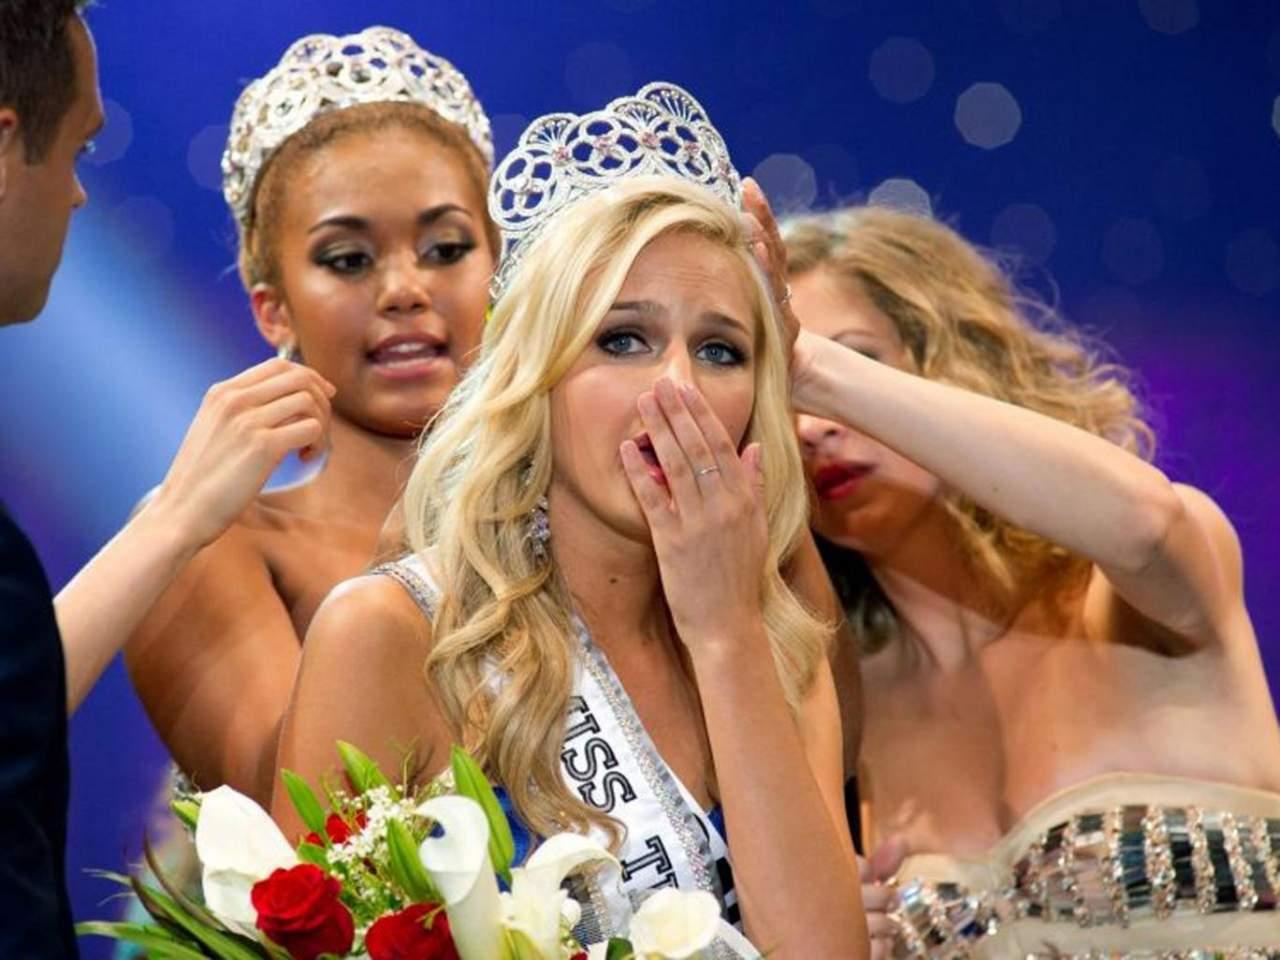 Победительницы конкурса красоты в США оказались на одно лицо